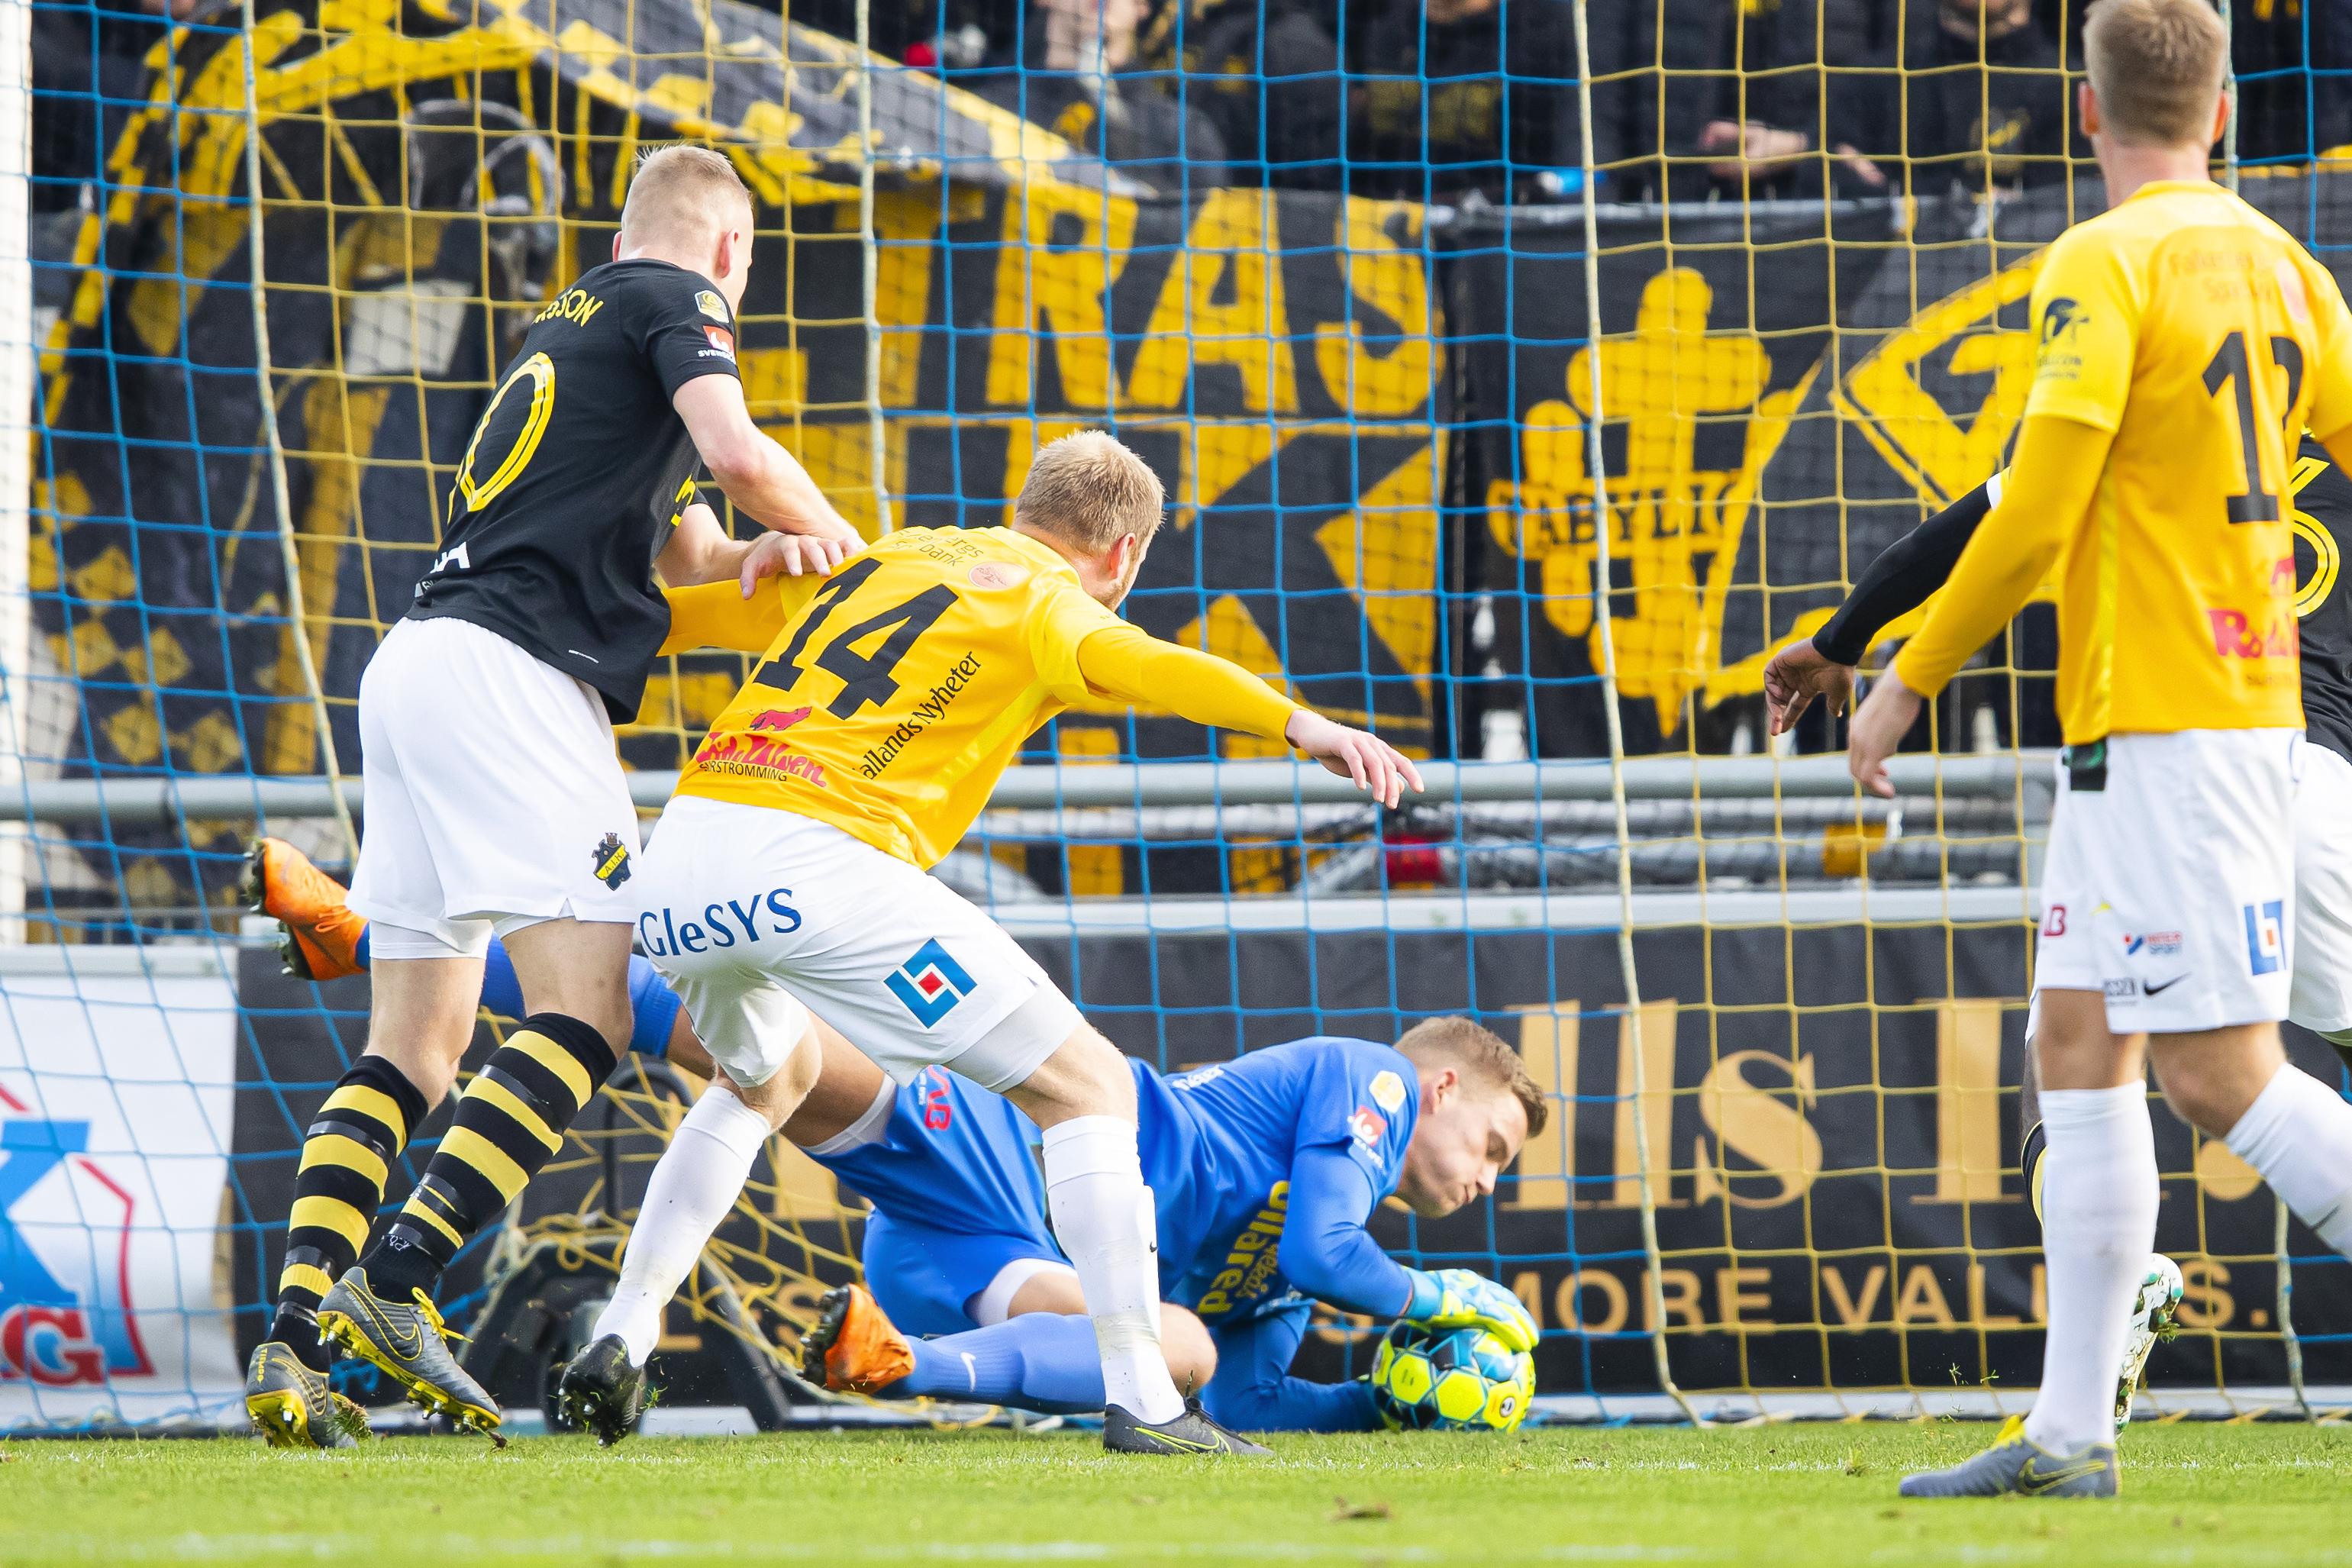 """Inför Kalmar borta: """"Falkenberg ger sig aldrig"""""""